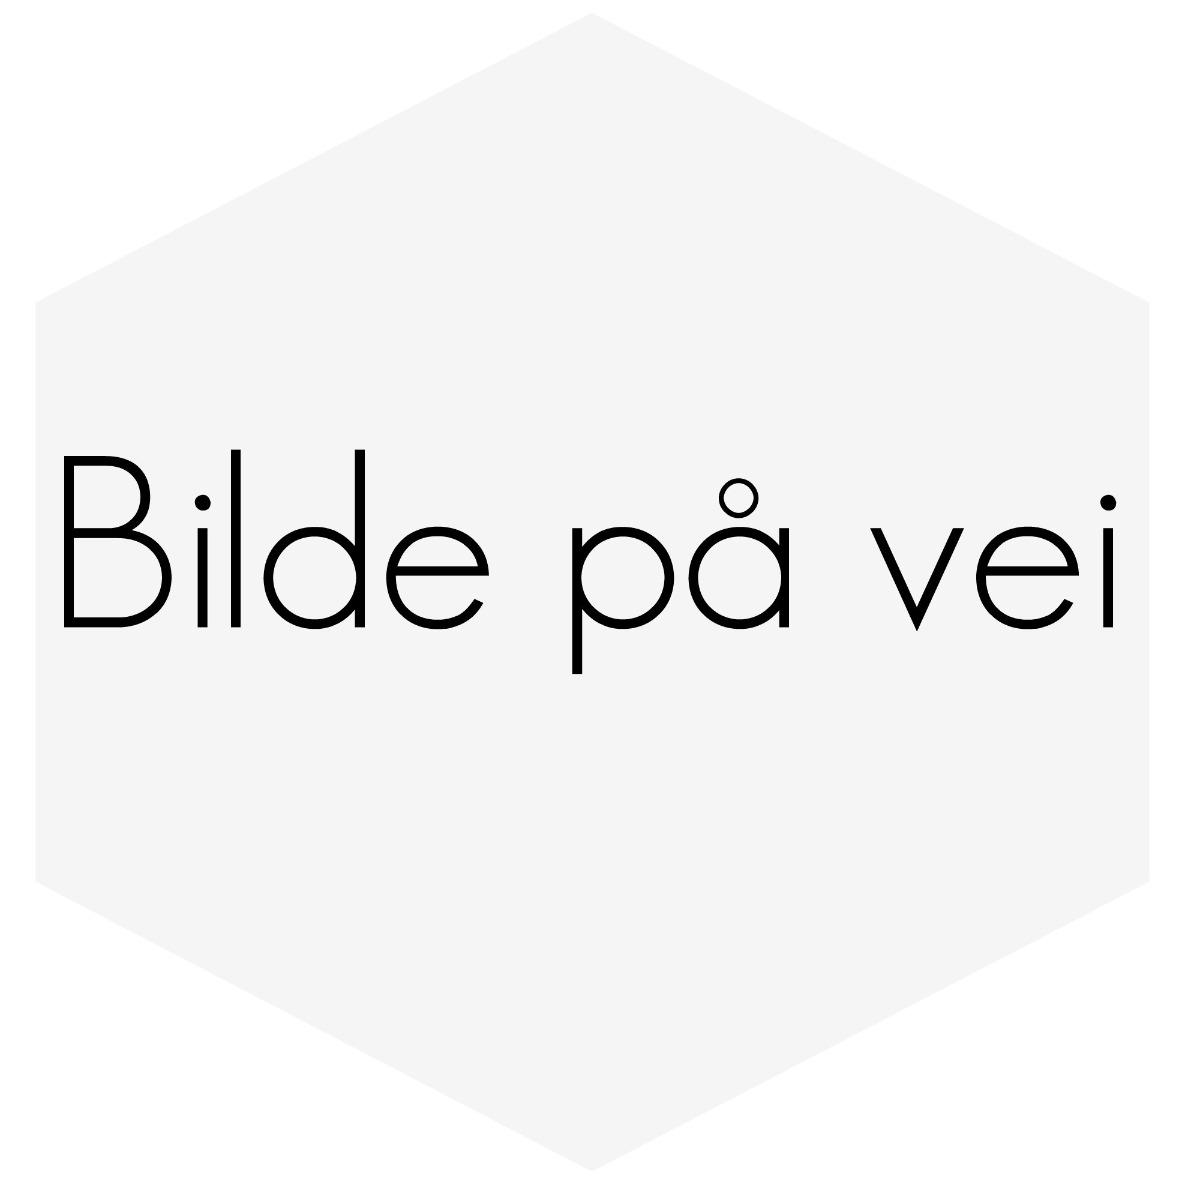 FORSKJERM S/V40 01-04 (fas2) Venstre side 30844333